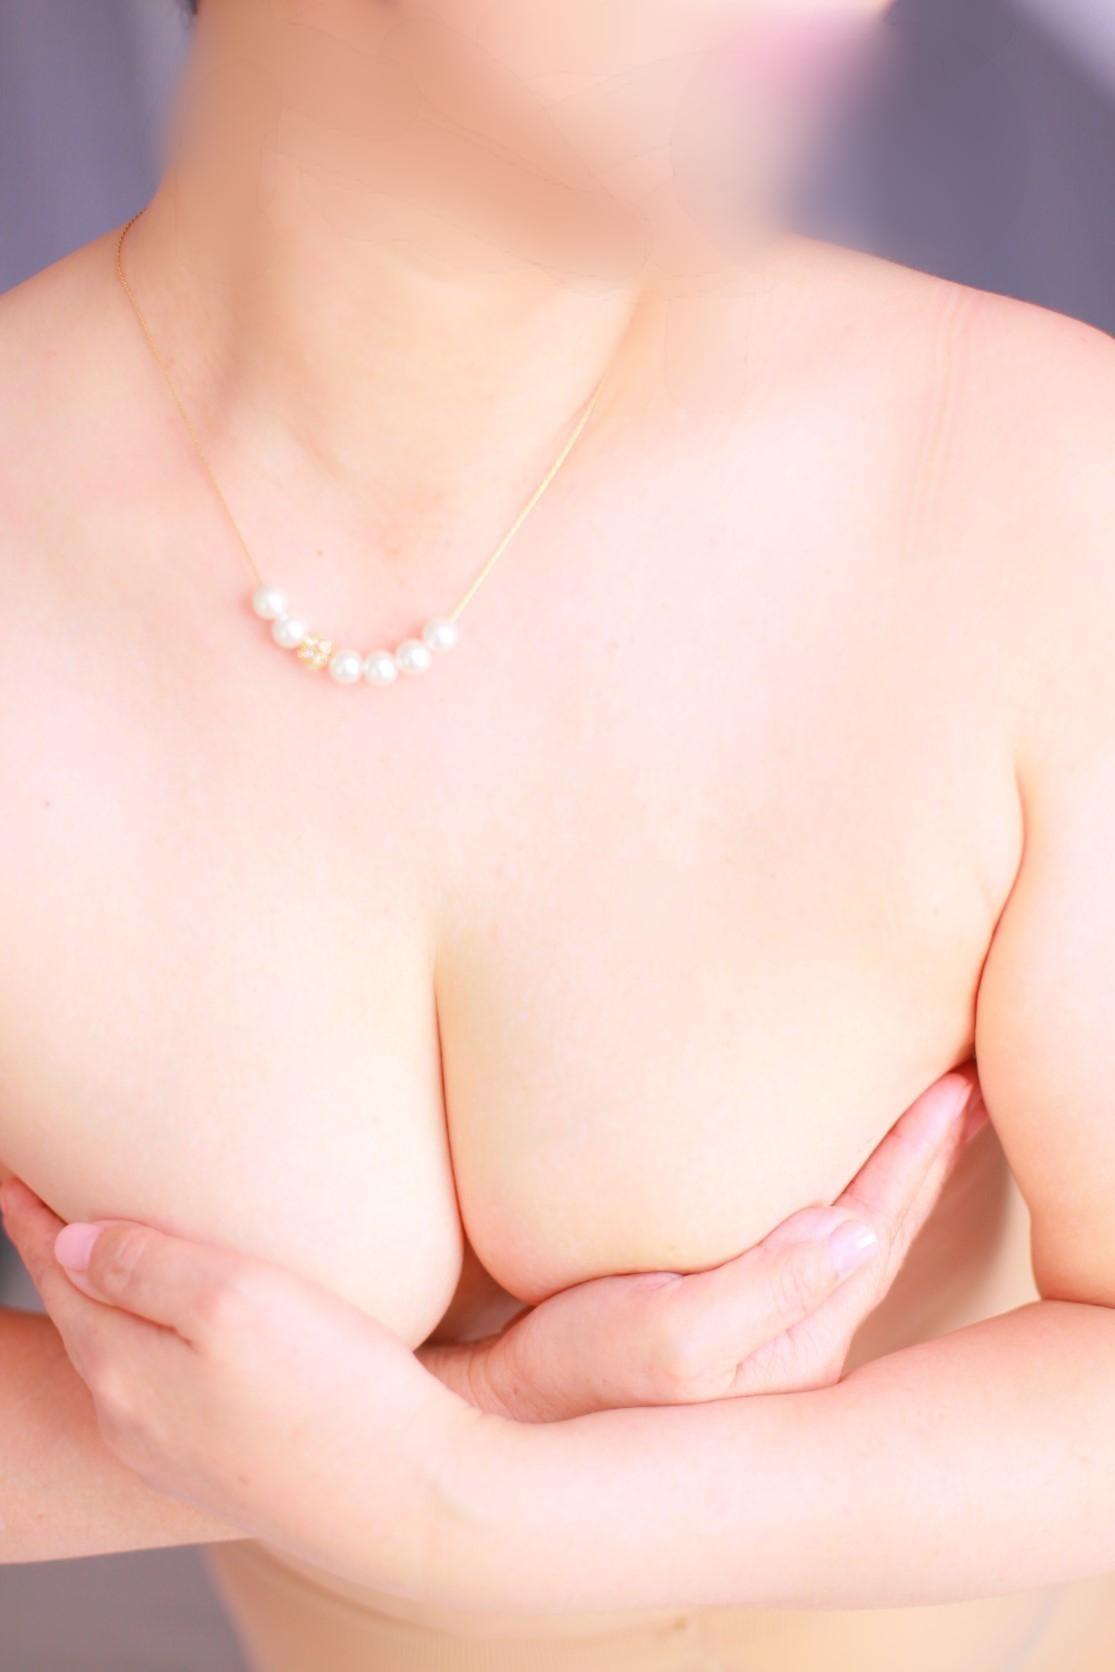 「おはようございます!」04/20(04/20) 12:48 | しずか 清楚系熟妻の写メ・風俗動画